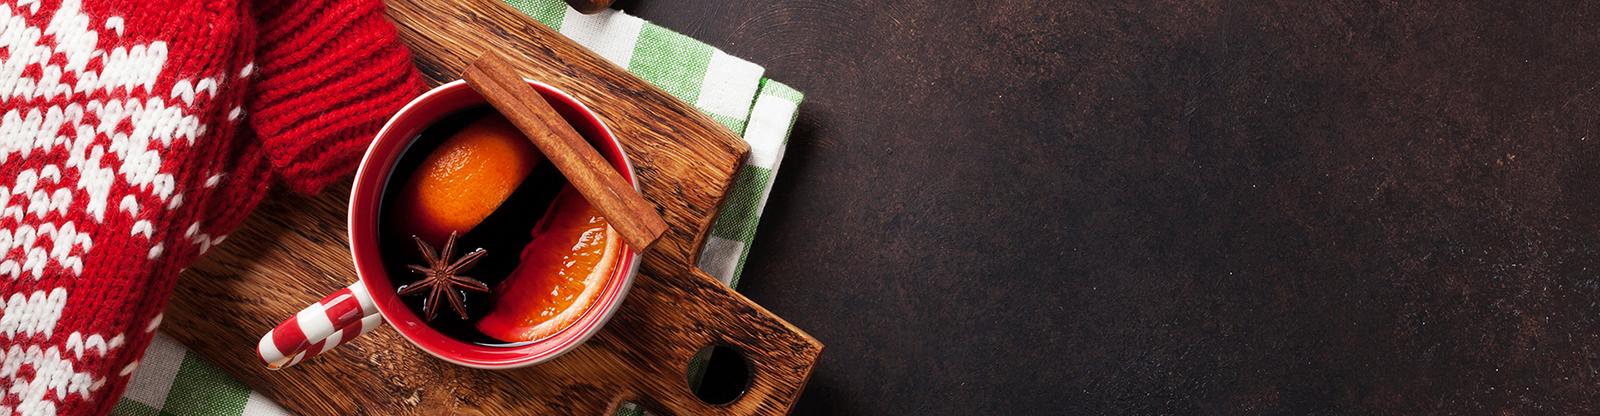 Como fazer um delicioso quentão?